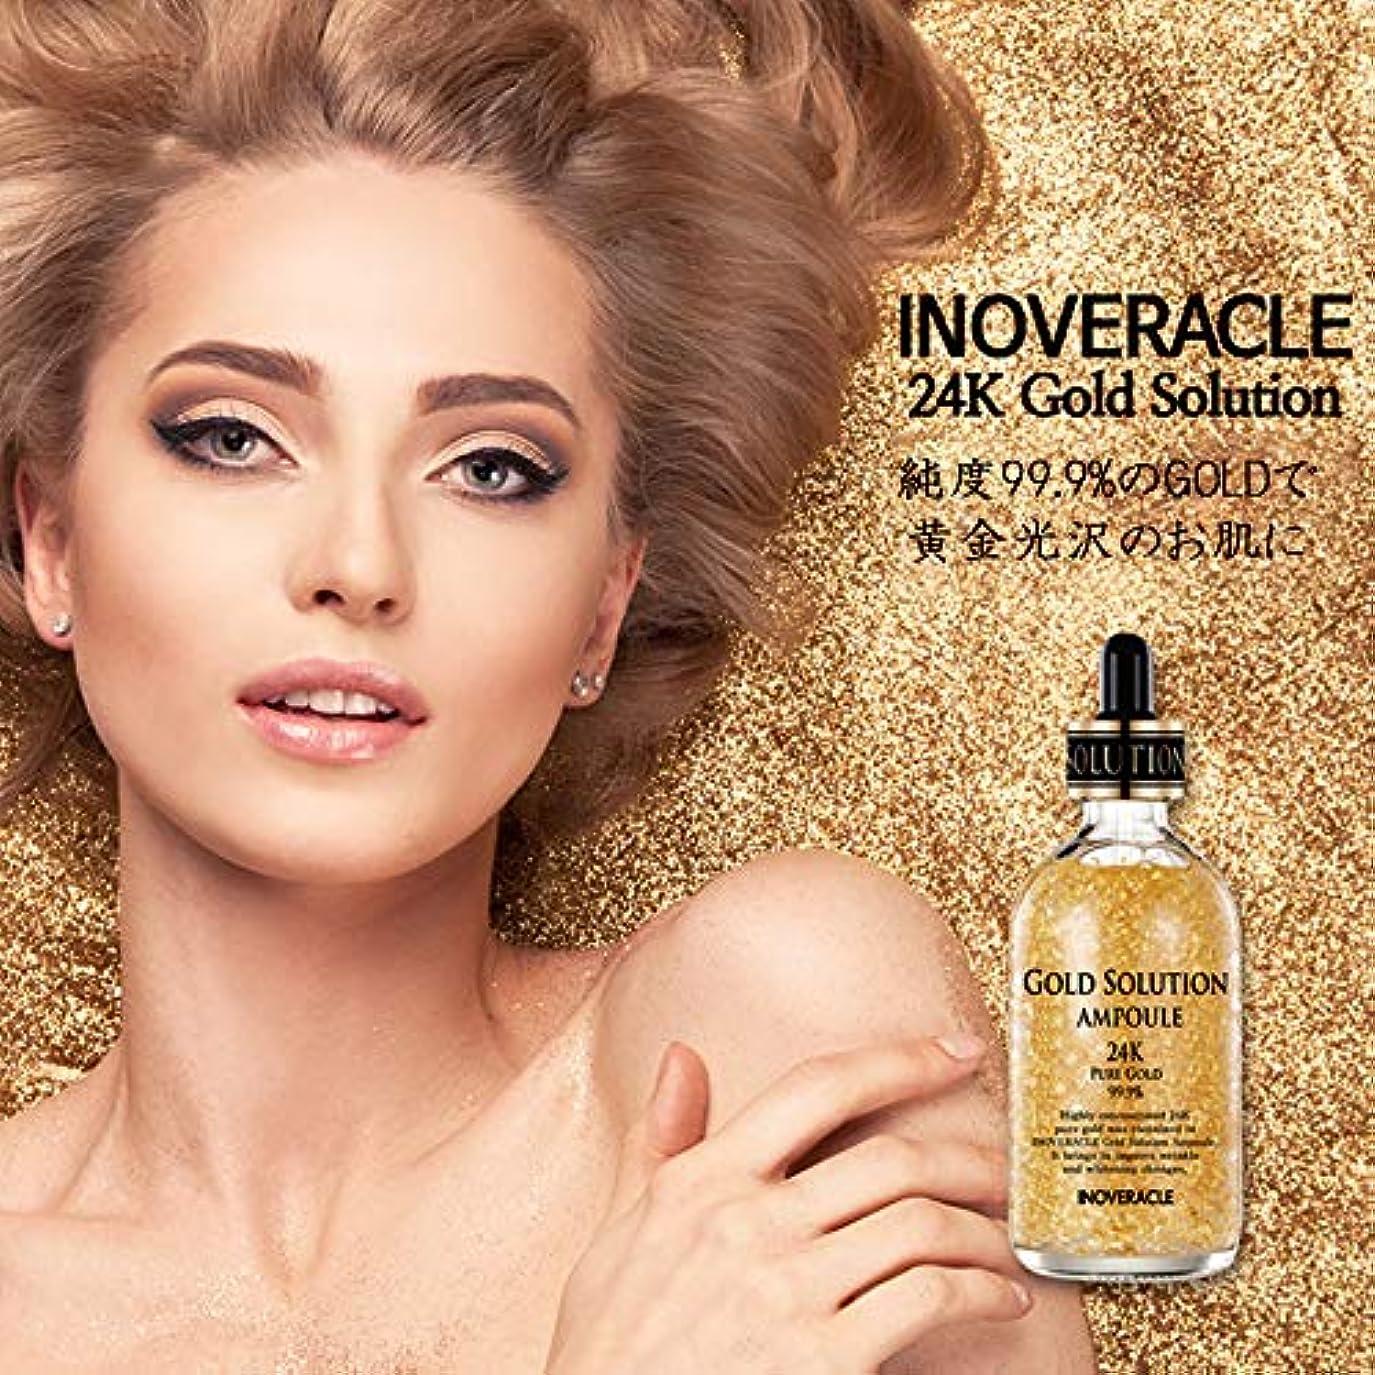 安定したプロペラパイプINOVERACLE GOLD SOLUTION AMPOULE 24K 99.9% 純金 アンプル 100ml 美容液 スキンケア 韓国化粧品 光沢お肌 美白美容液